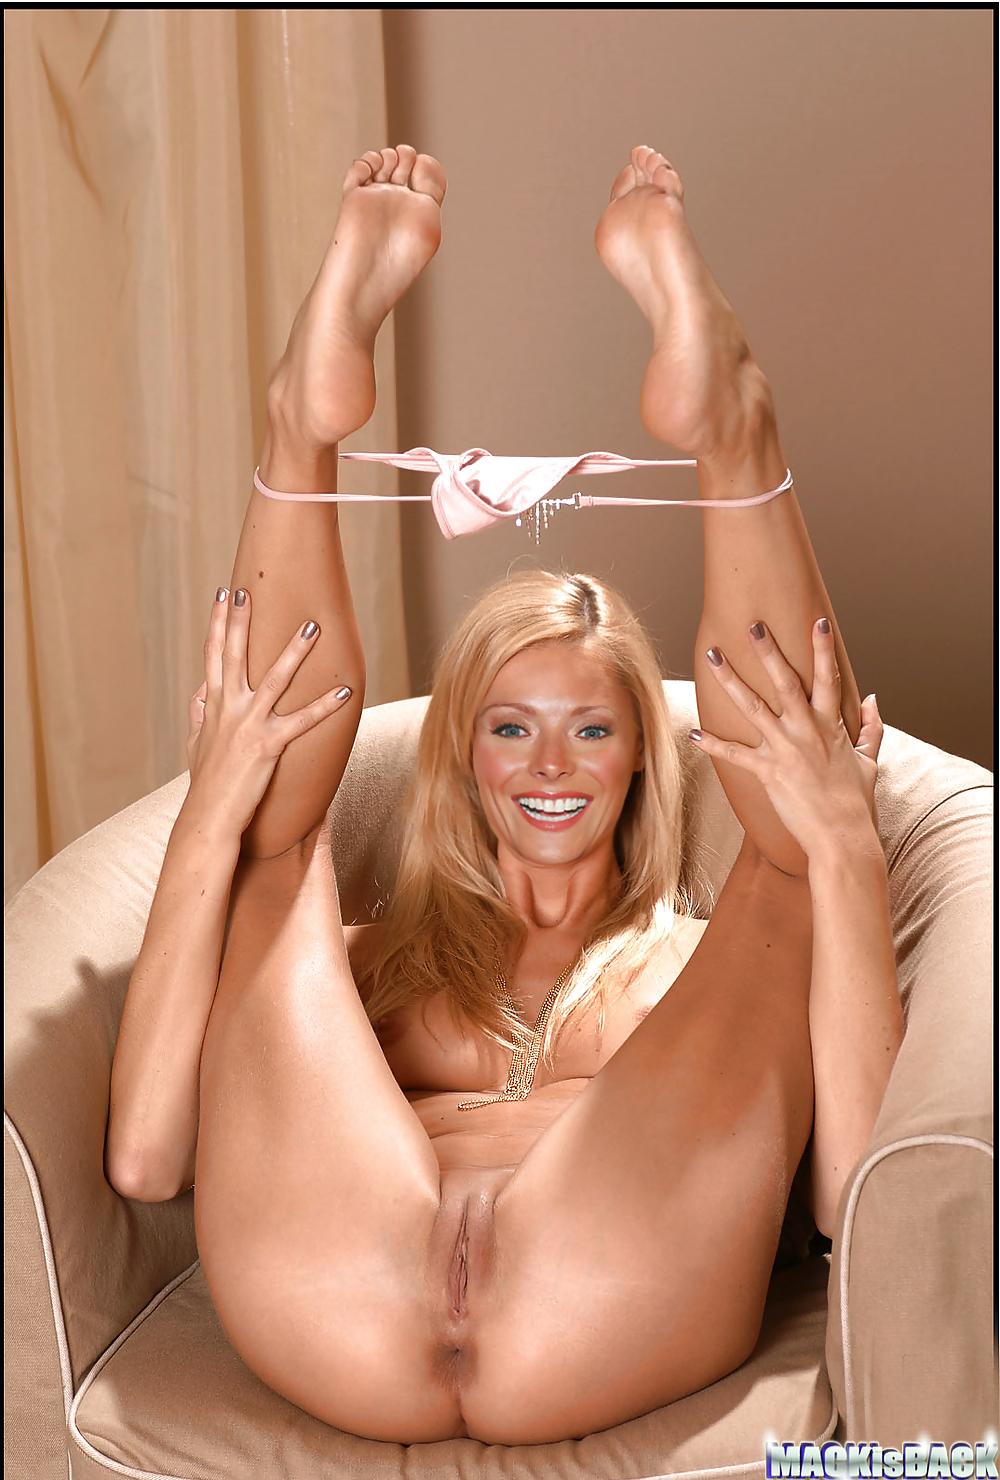 Girl stripping for boy